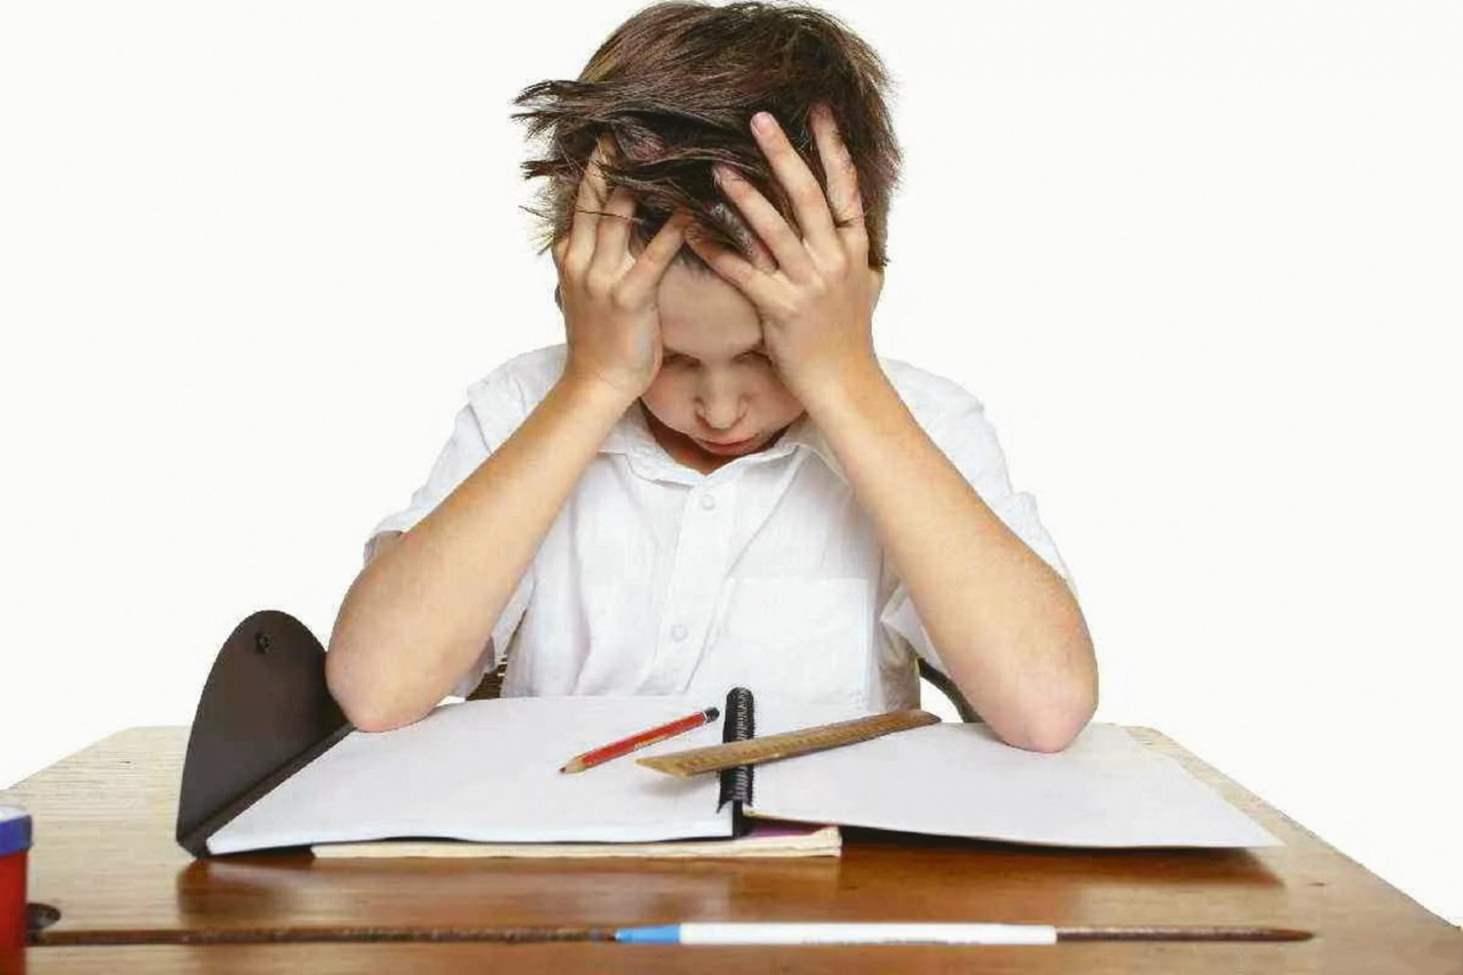 kak-pravilno-kritikovat-i-otsenivat-shkolnikov